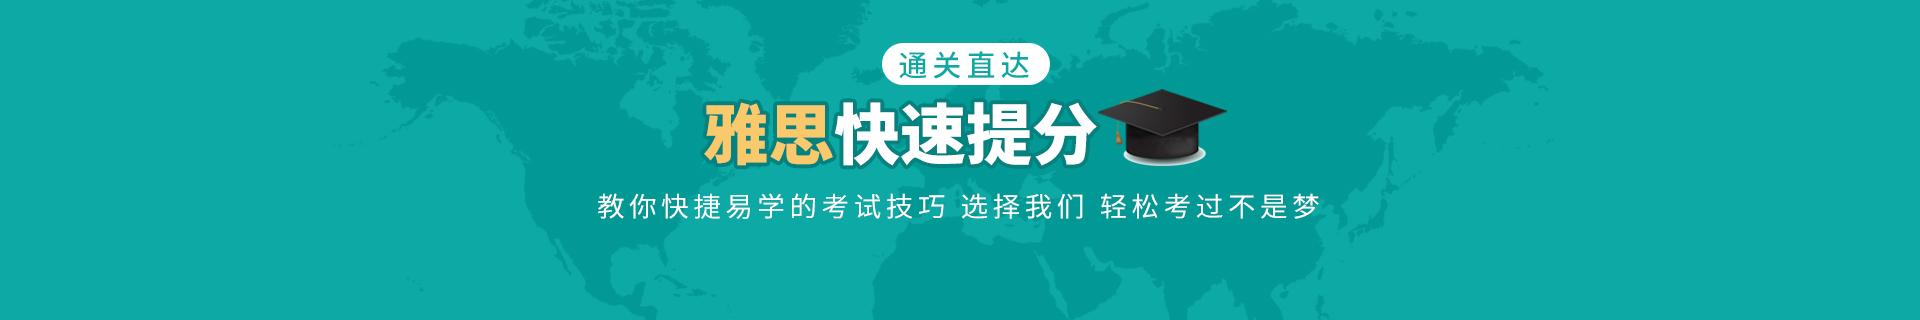 成都锦江区学为贵培训机构